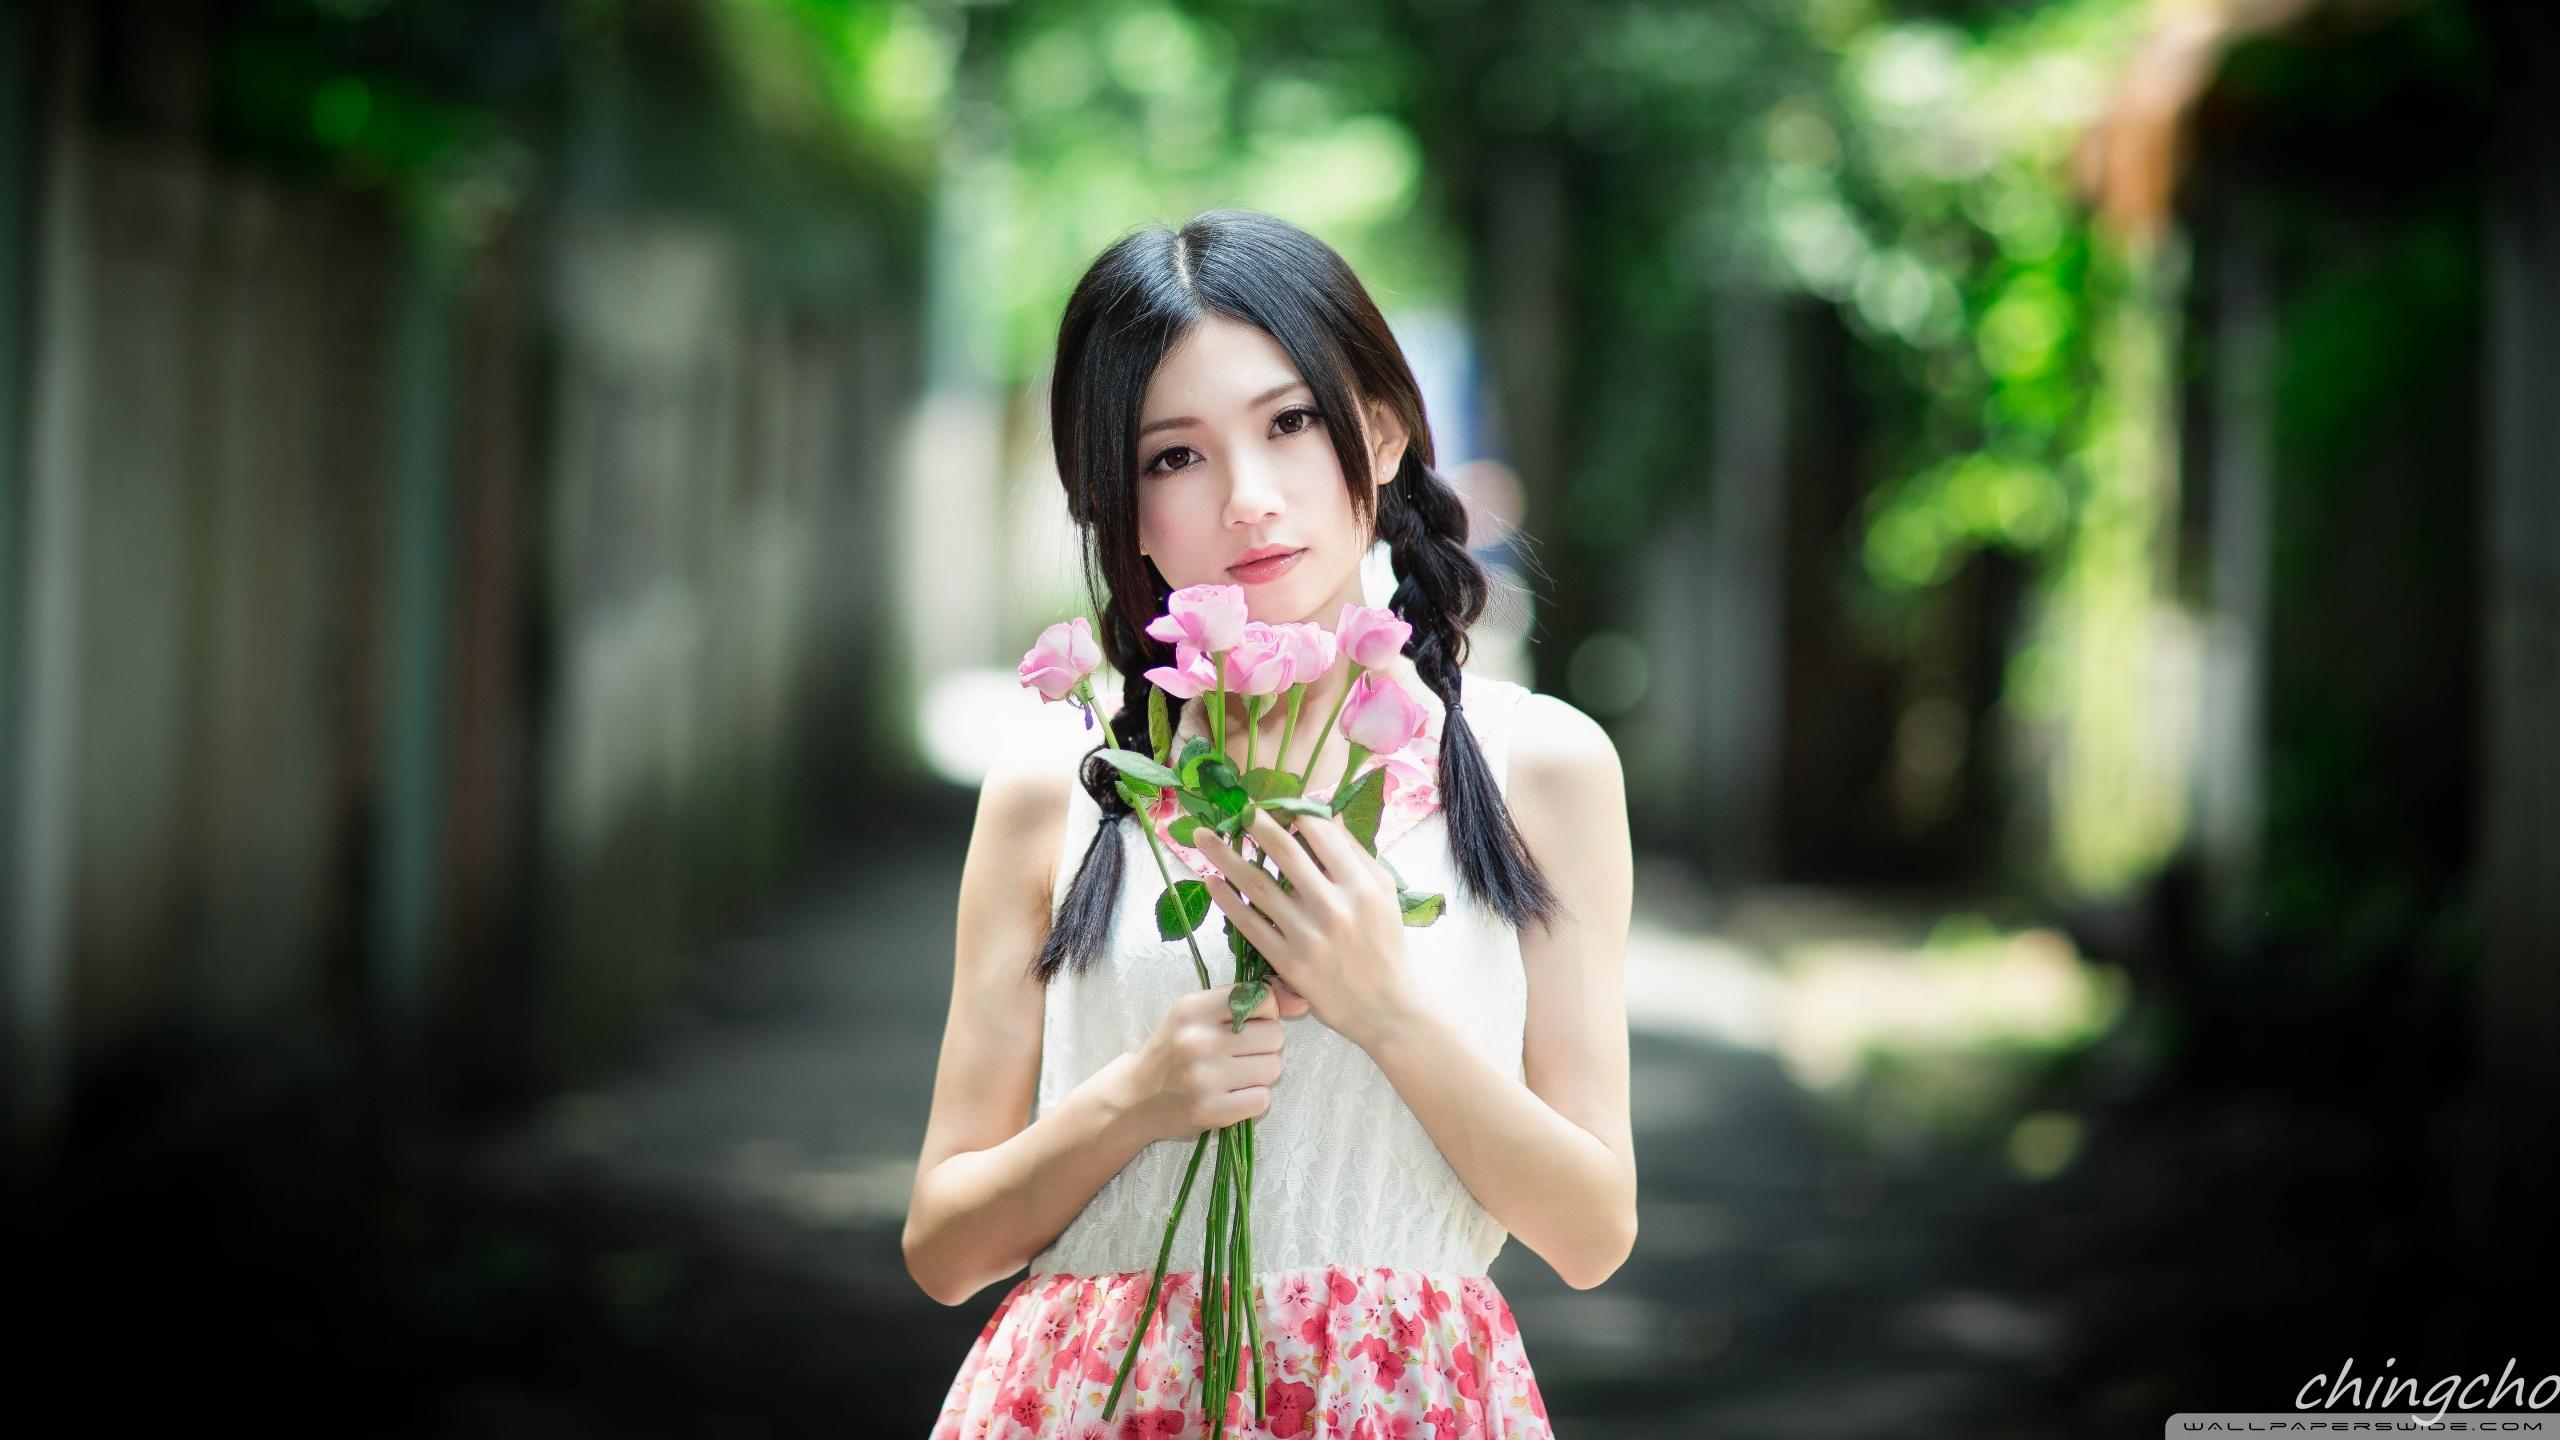 Cute Asian Girl HD desktop wallpaper : Widescreen : High